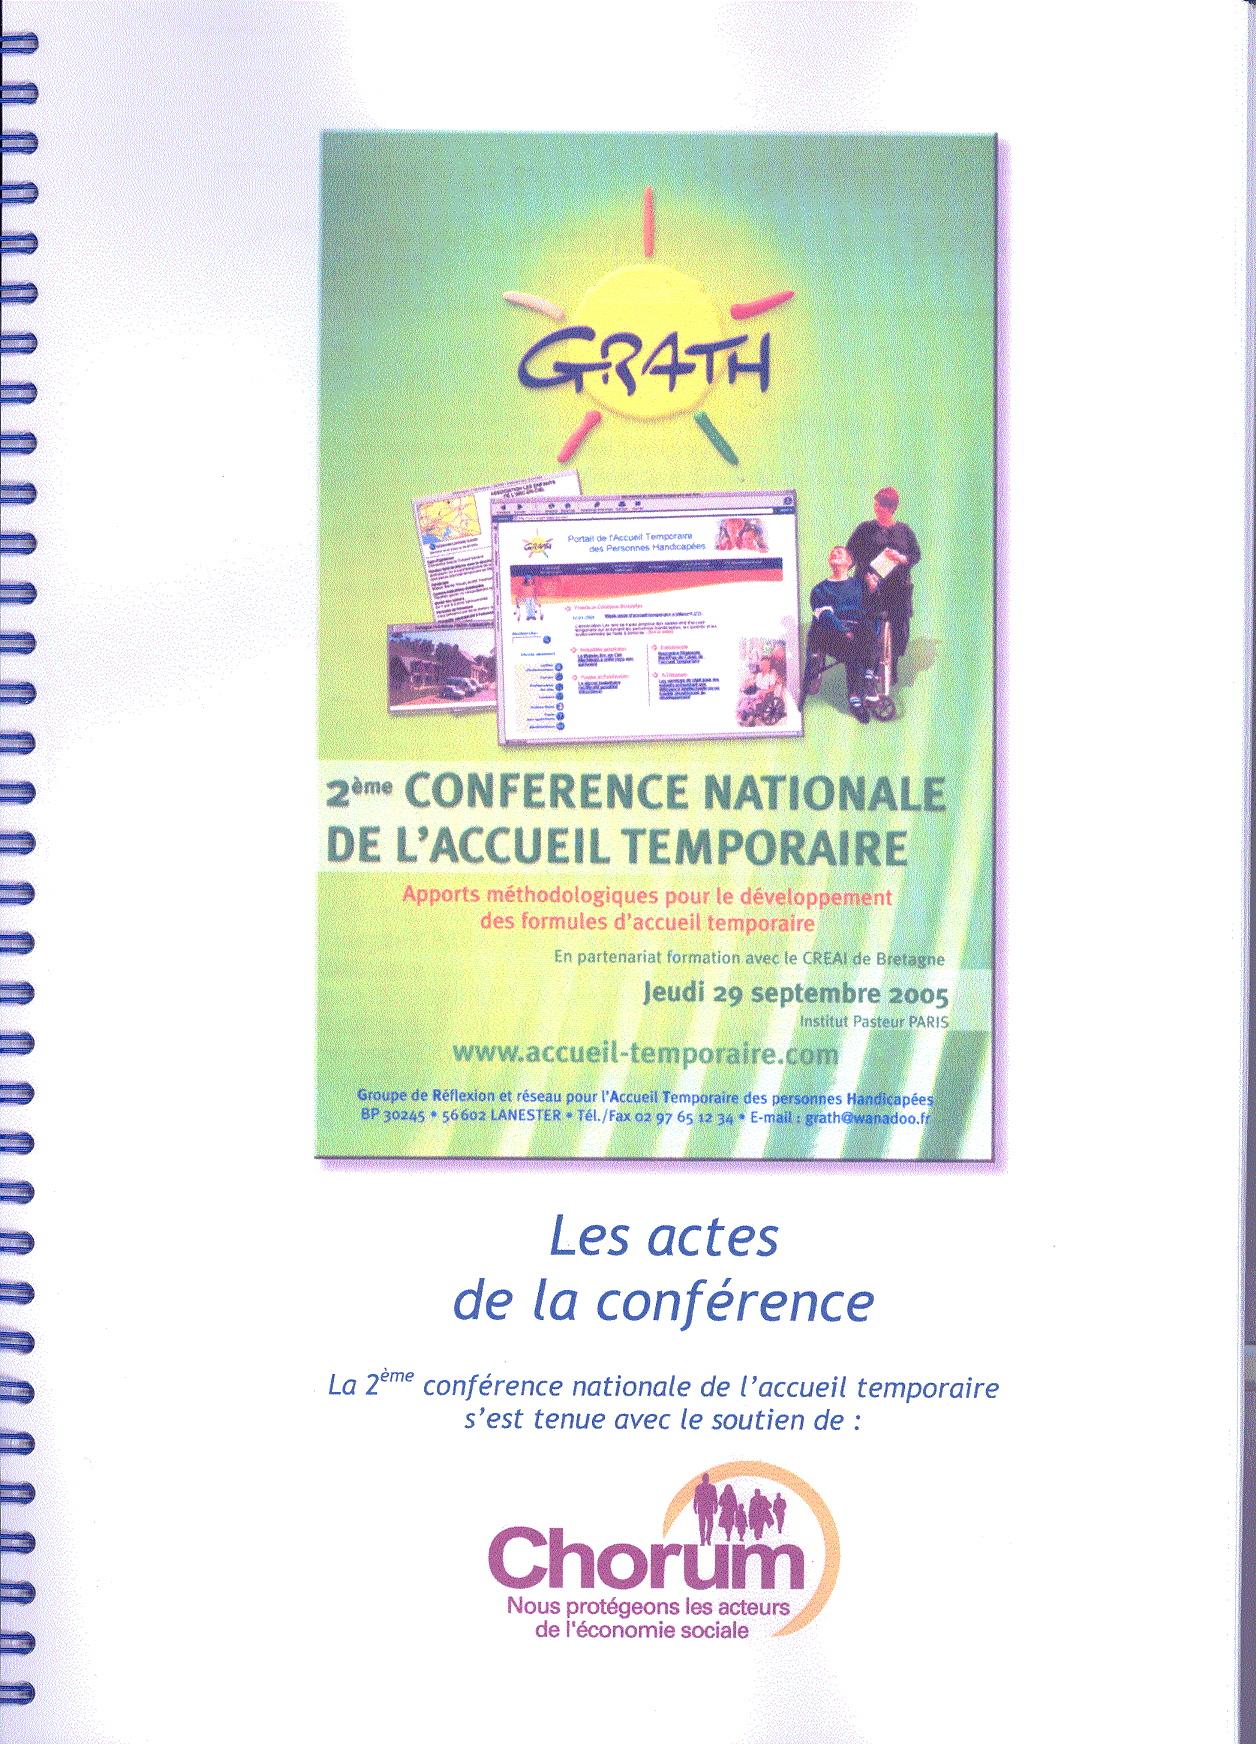 2ème conférence de l'accueil temporaire : Apport méthodologiques pour le développement des formules d'accueil temporaire